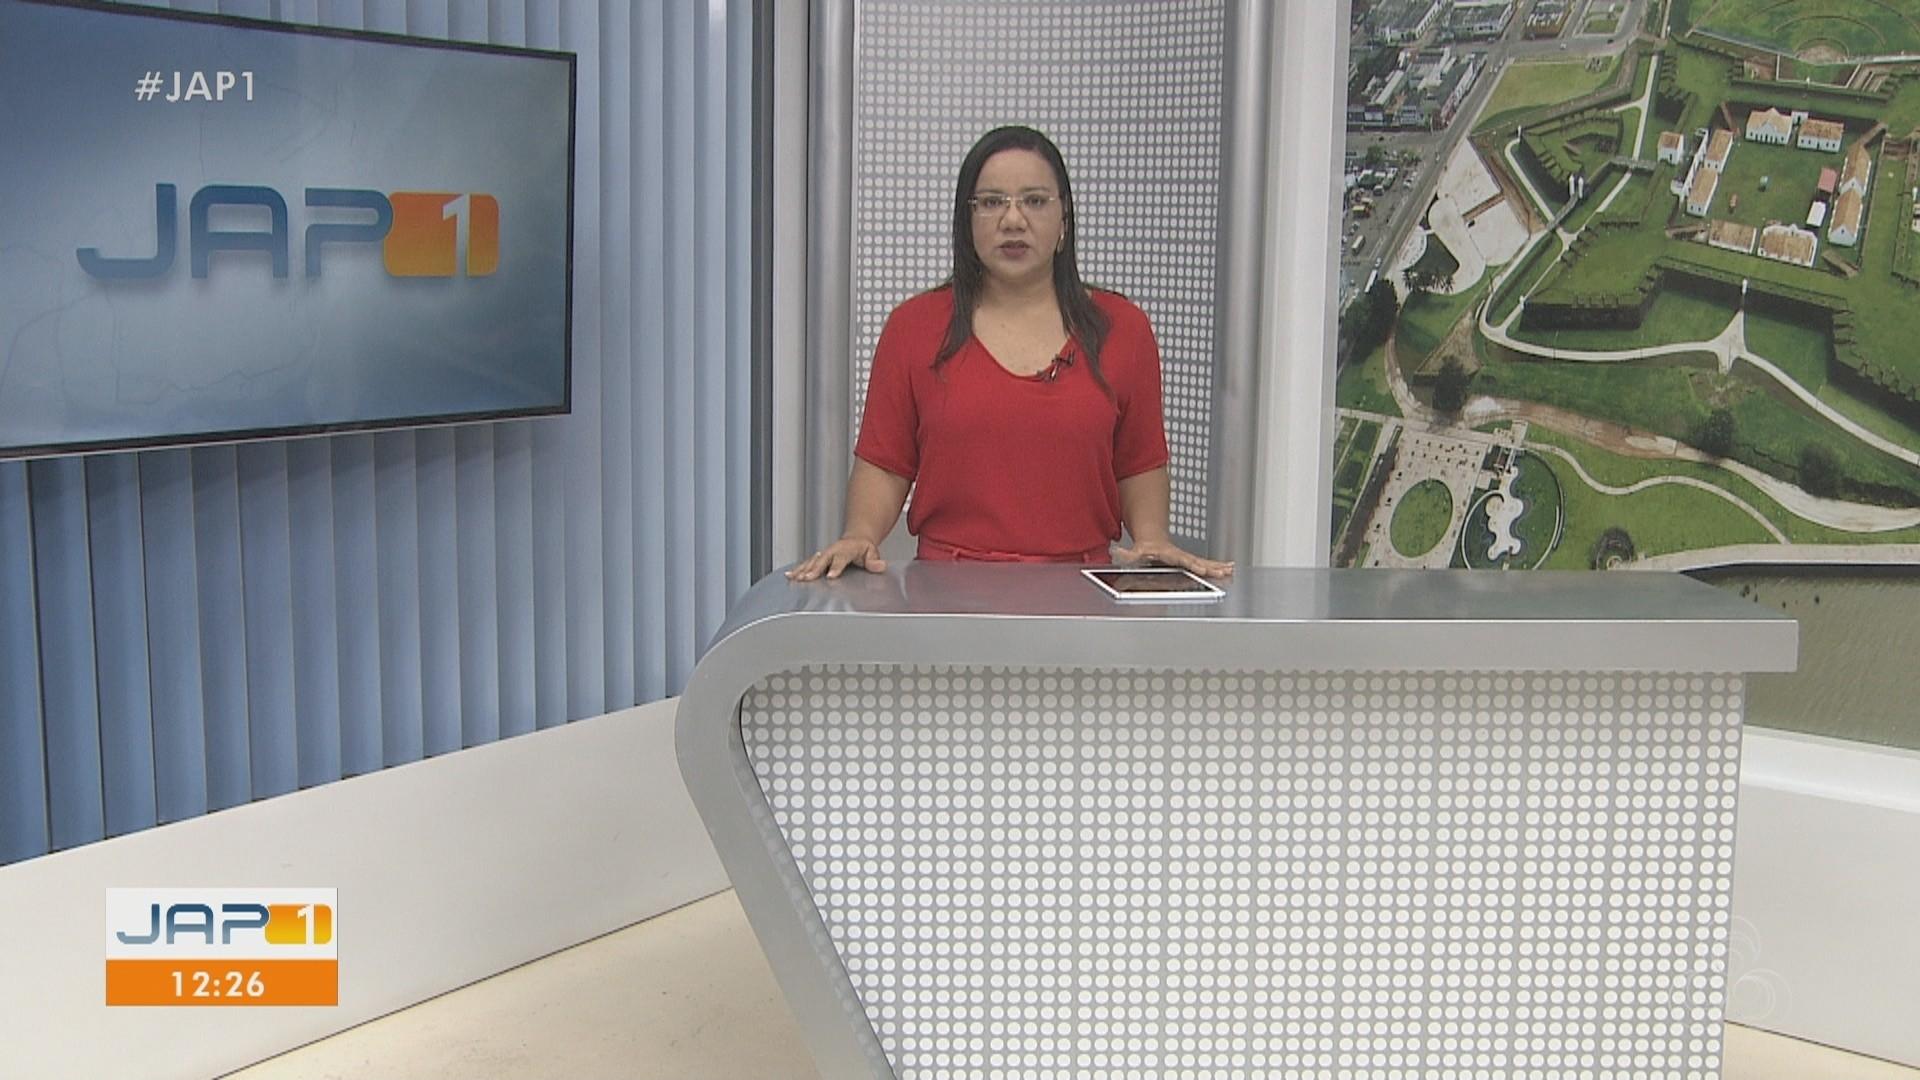 VÍDEOS: JAP1 de sábado, 19 de setembro de 2020